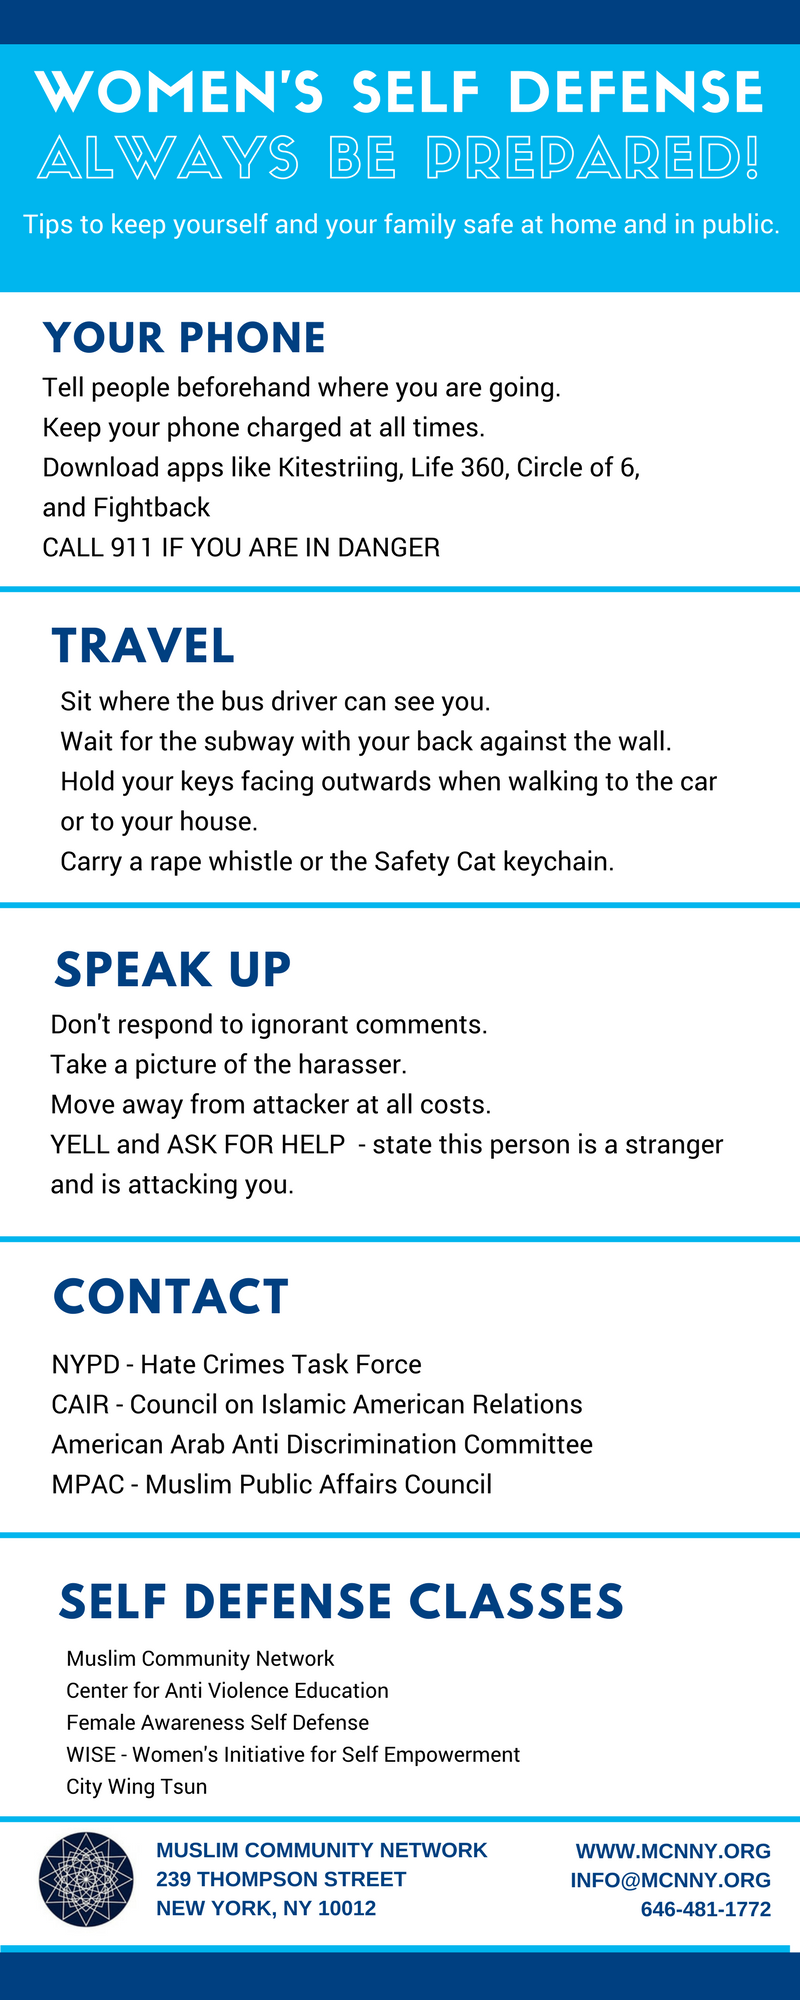 women's-self-defense-manual